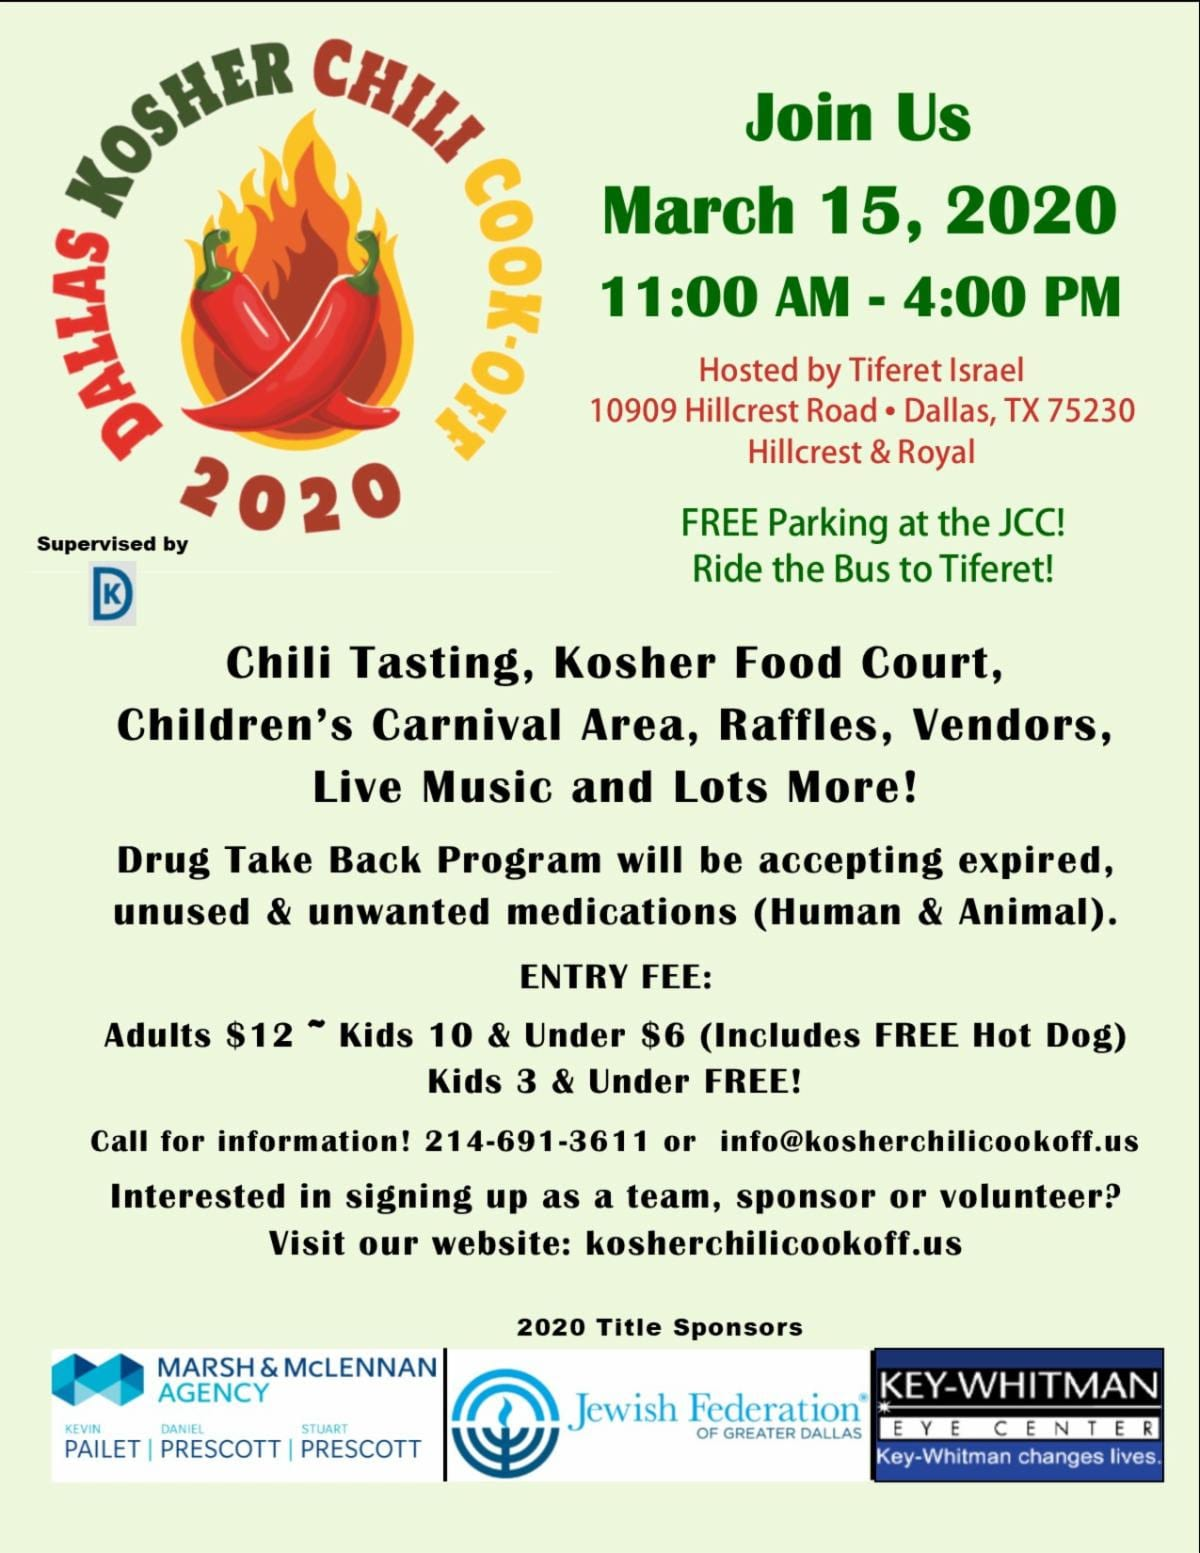 Dallas Kosher Chili Cook-Off 1